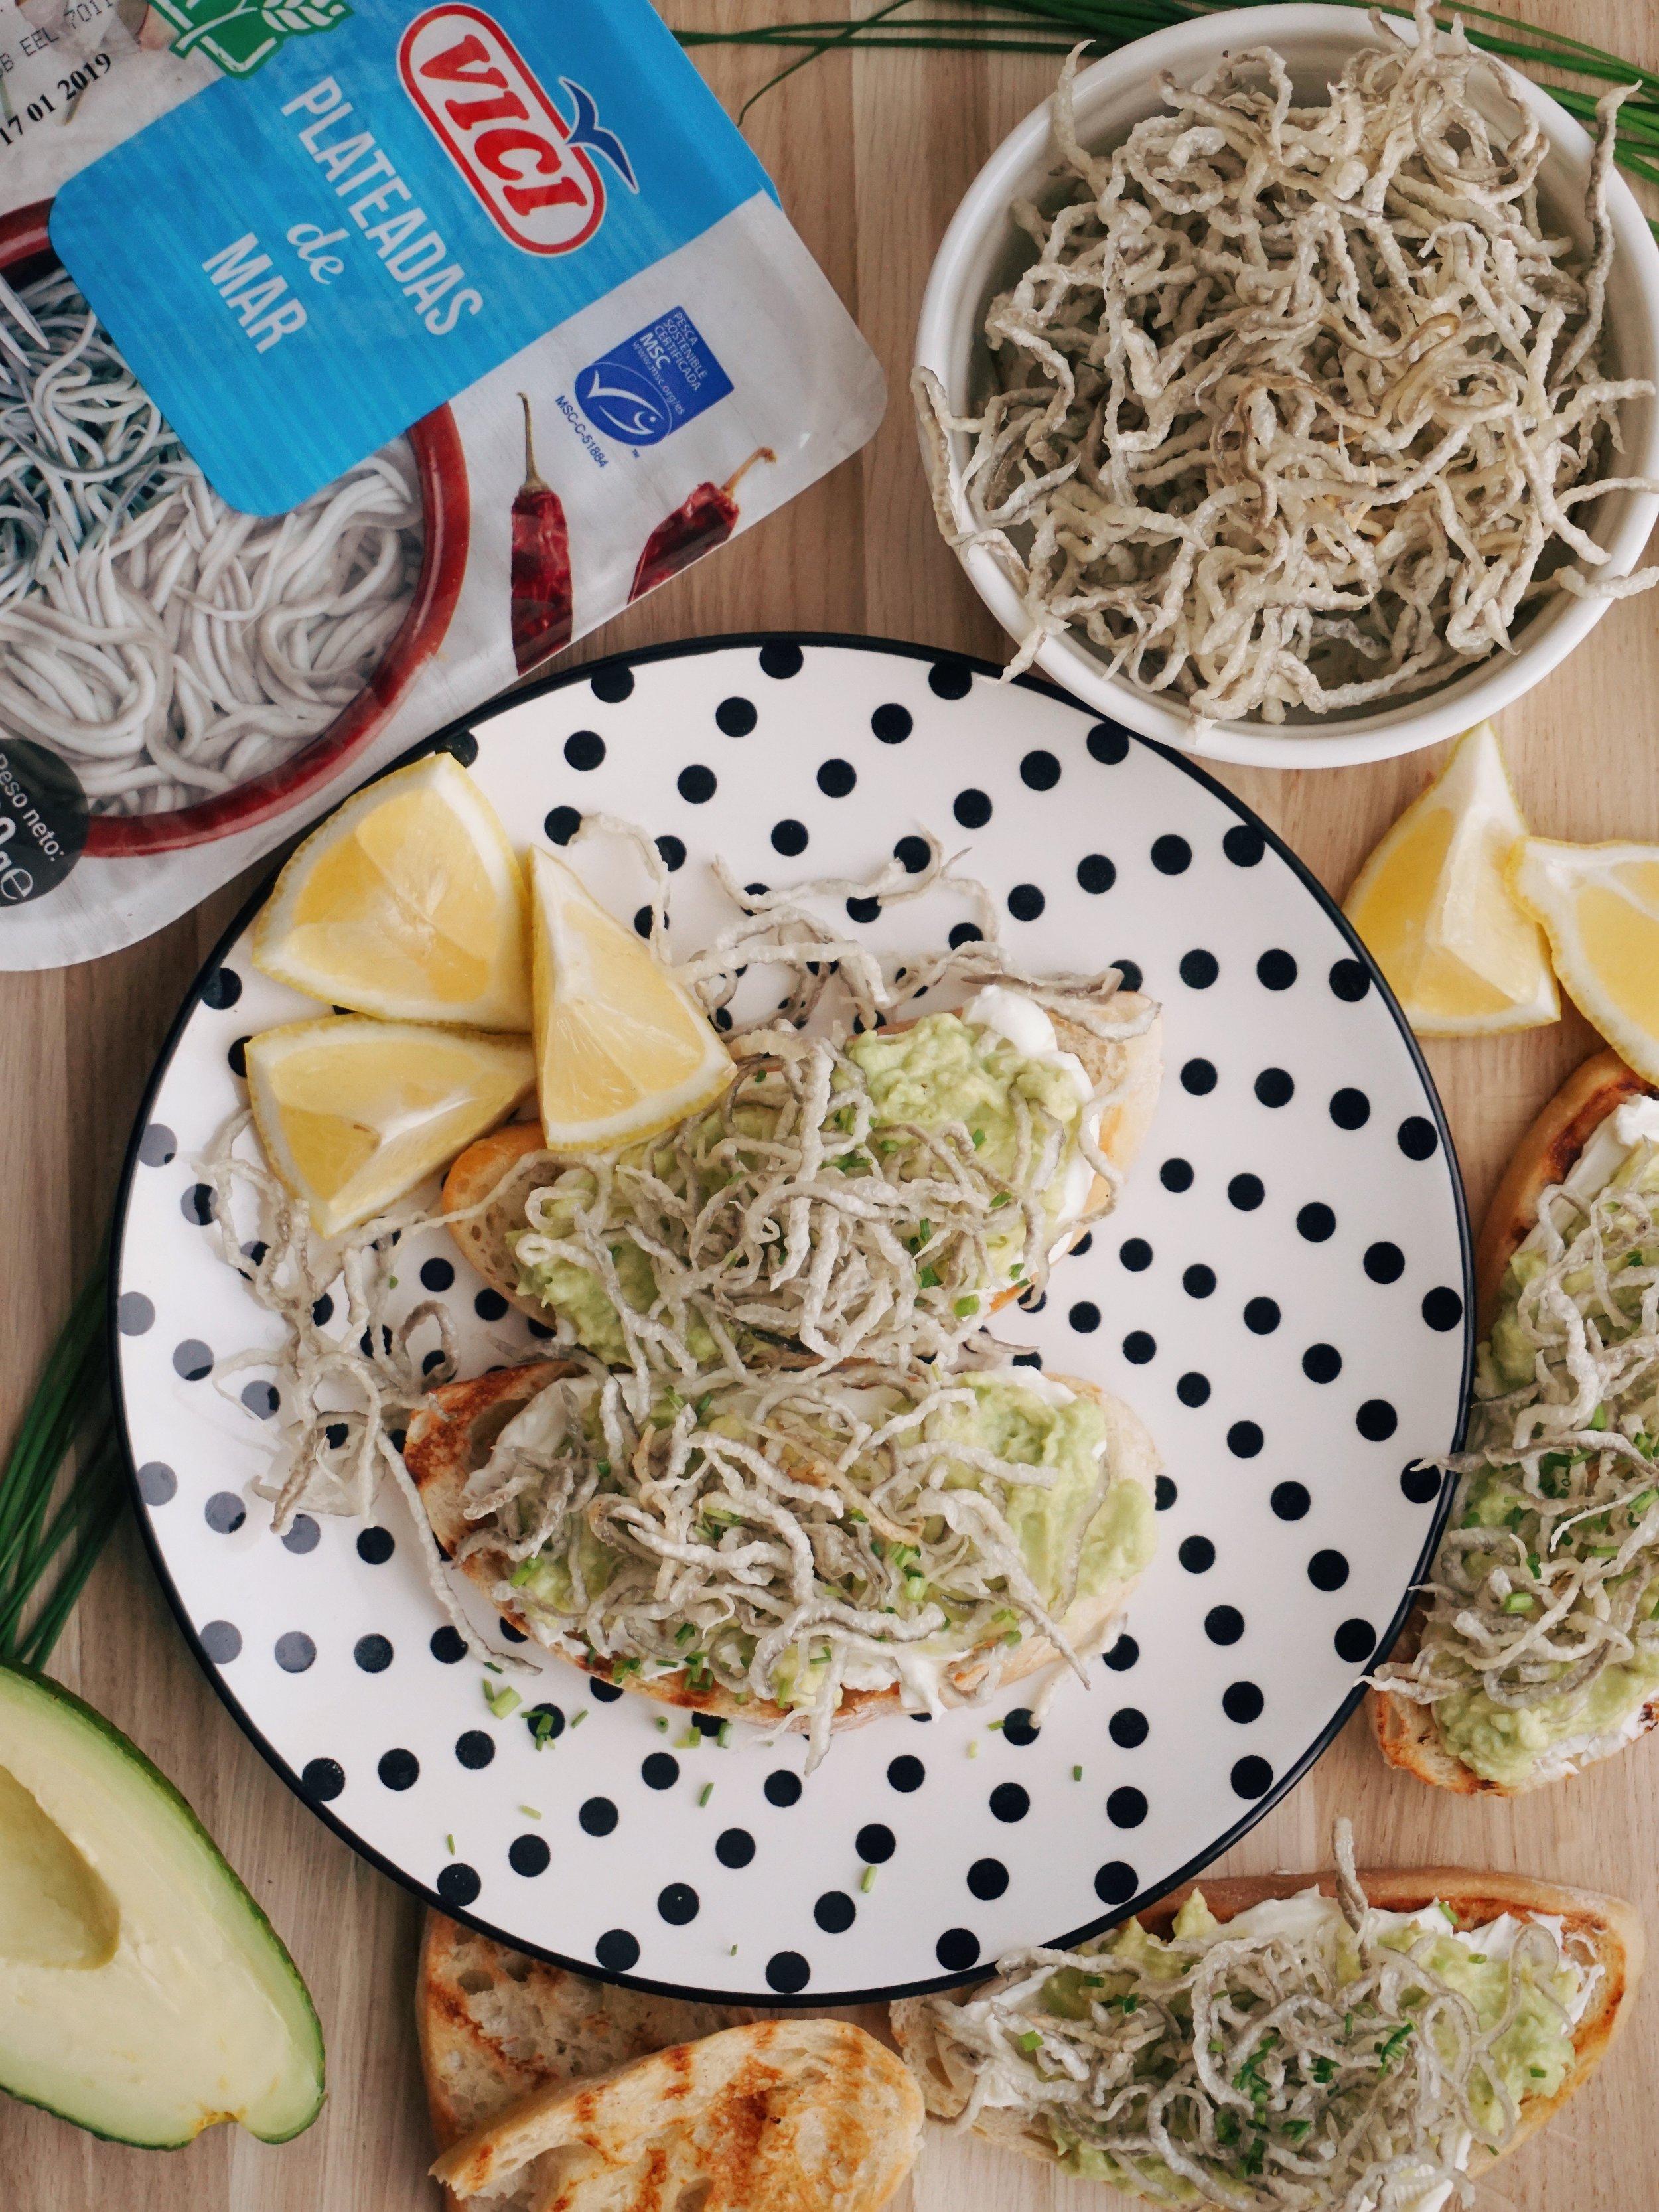 karaliskās brokastmaizītes ar kraukšķīgiem surimi čipsiem - labrīt un labu apetīti! ir tādas reizes, kad arī brokastīs var ēst čipsus un par to arī šoreiz stāsts. jā, brokastīm jābūt aši pagatavojamām un šis nav izņēmums, bet jau iepriekš jūs brīdinu, ka šitos čipsus gribēsiet uzgatavot ne tikai no rīta, bet arī vakariņās 😄😅